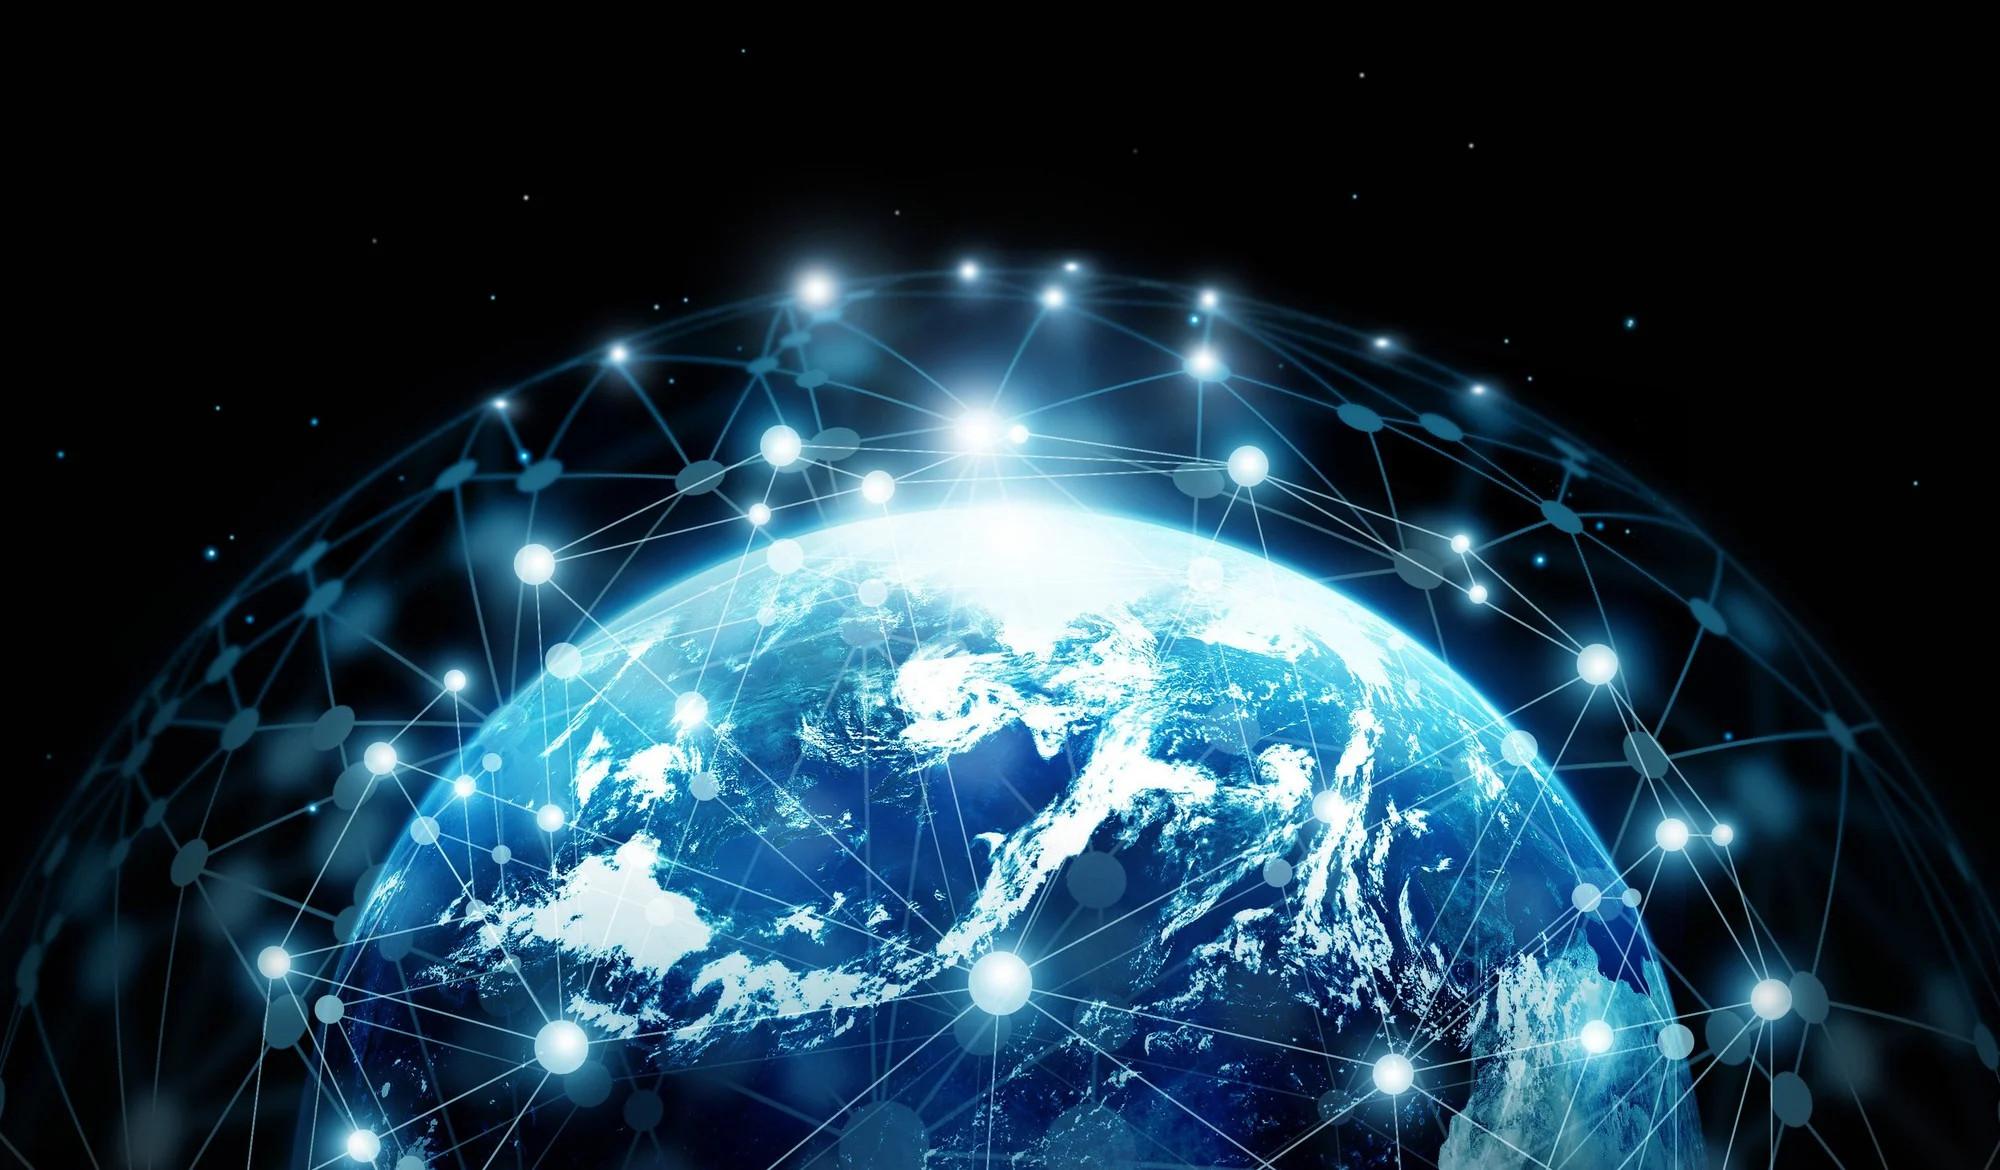 اینترنت ماهوارهای ایلان ماسک (استارلینک) چیست؟